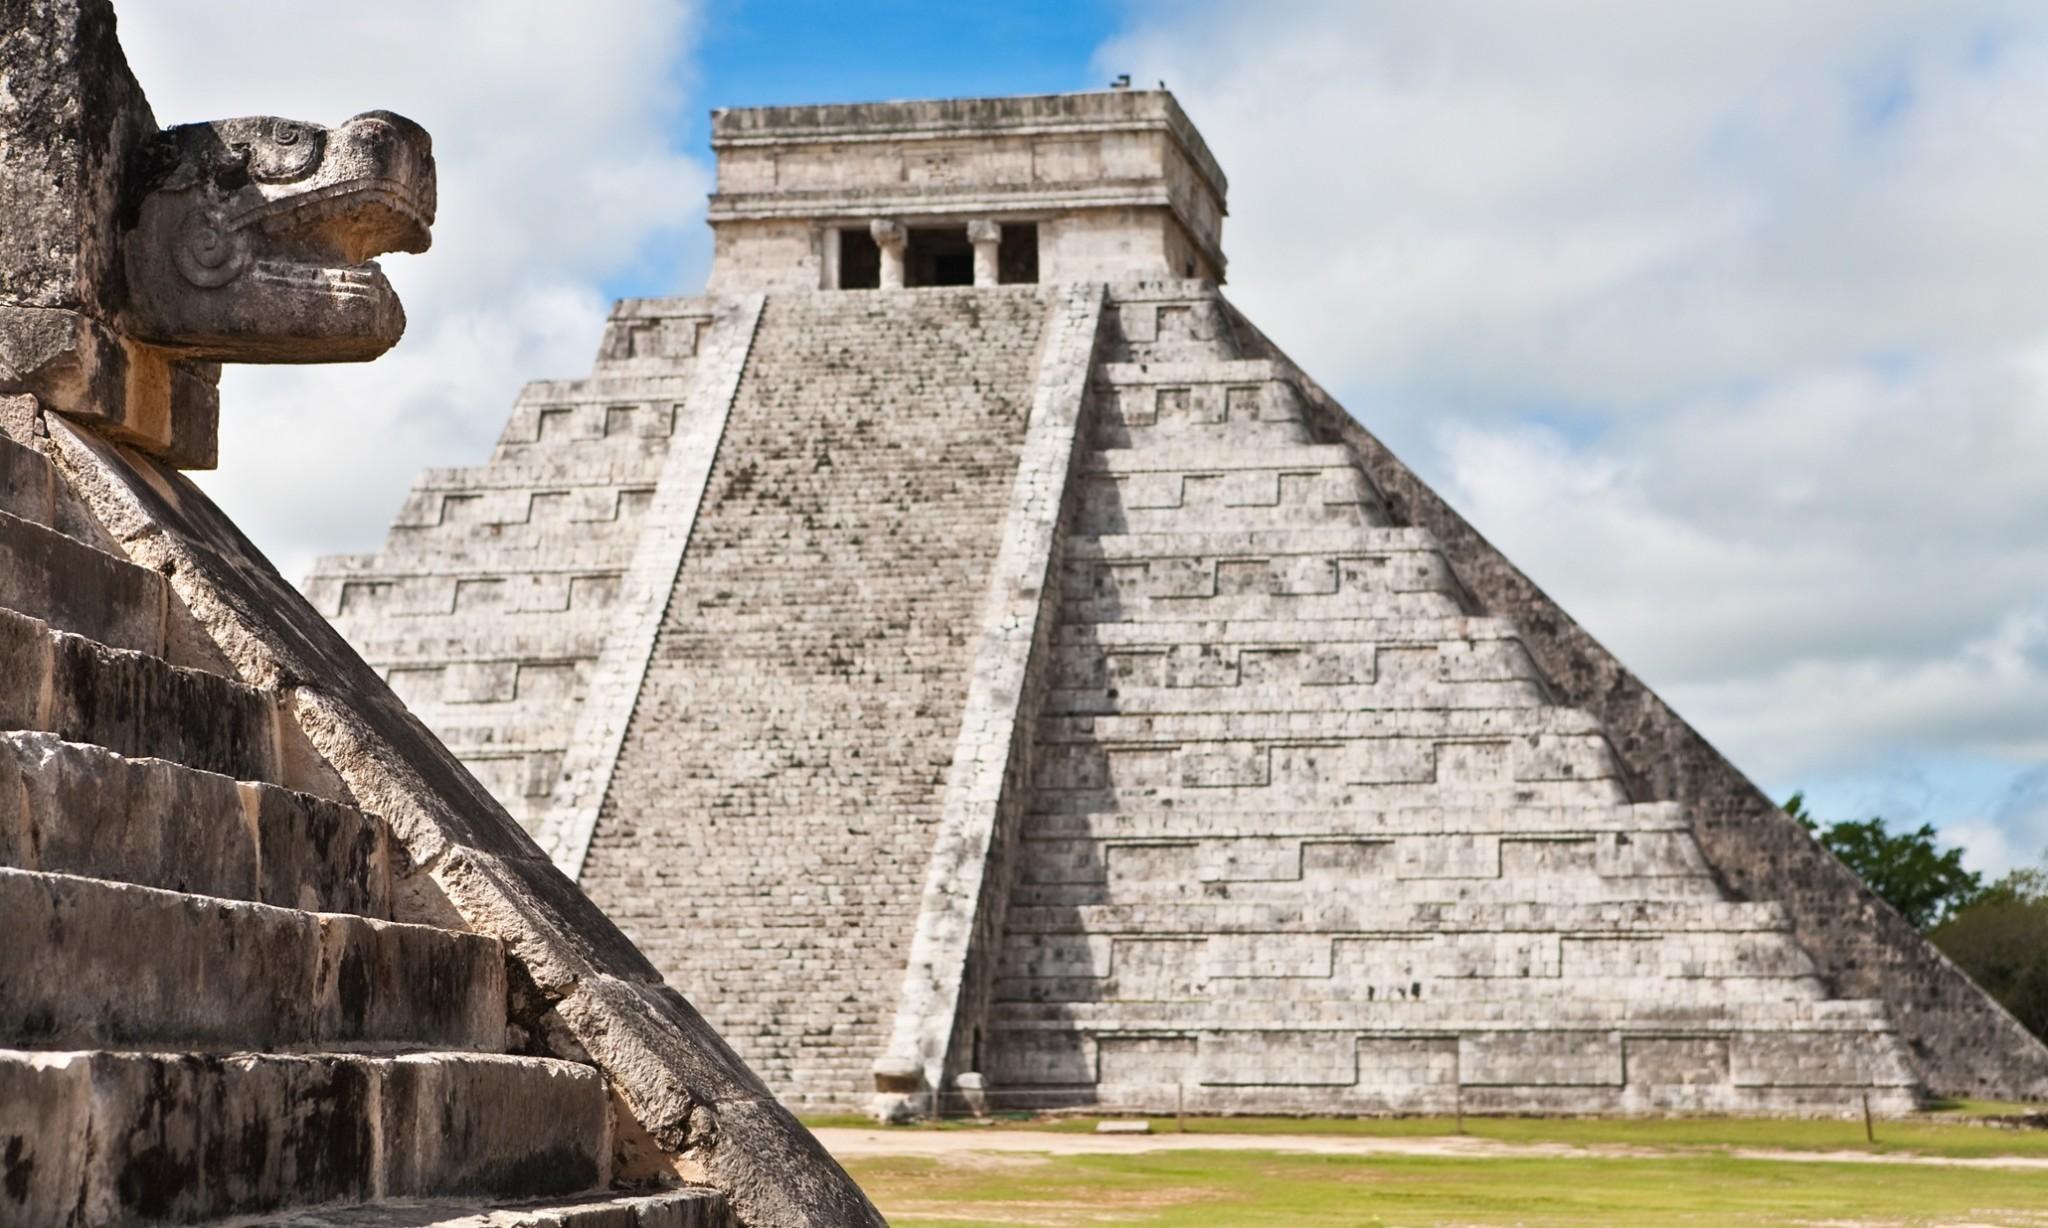 Subterranean river discovered beneath Mexico's Chichen Itza ruins